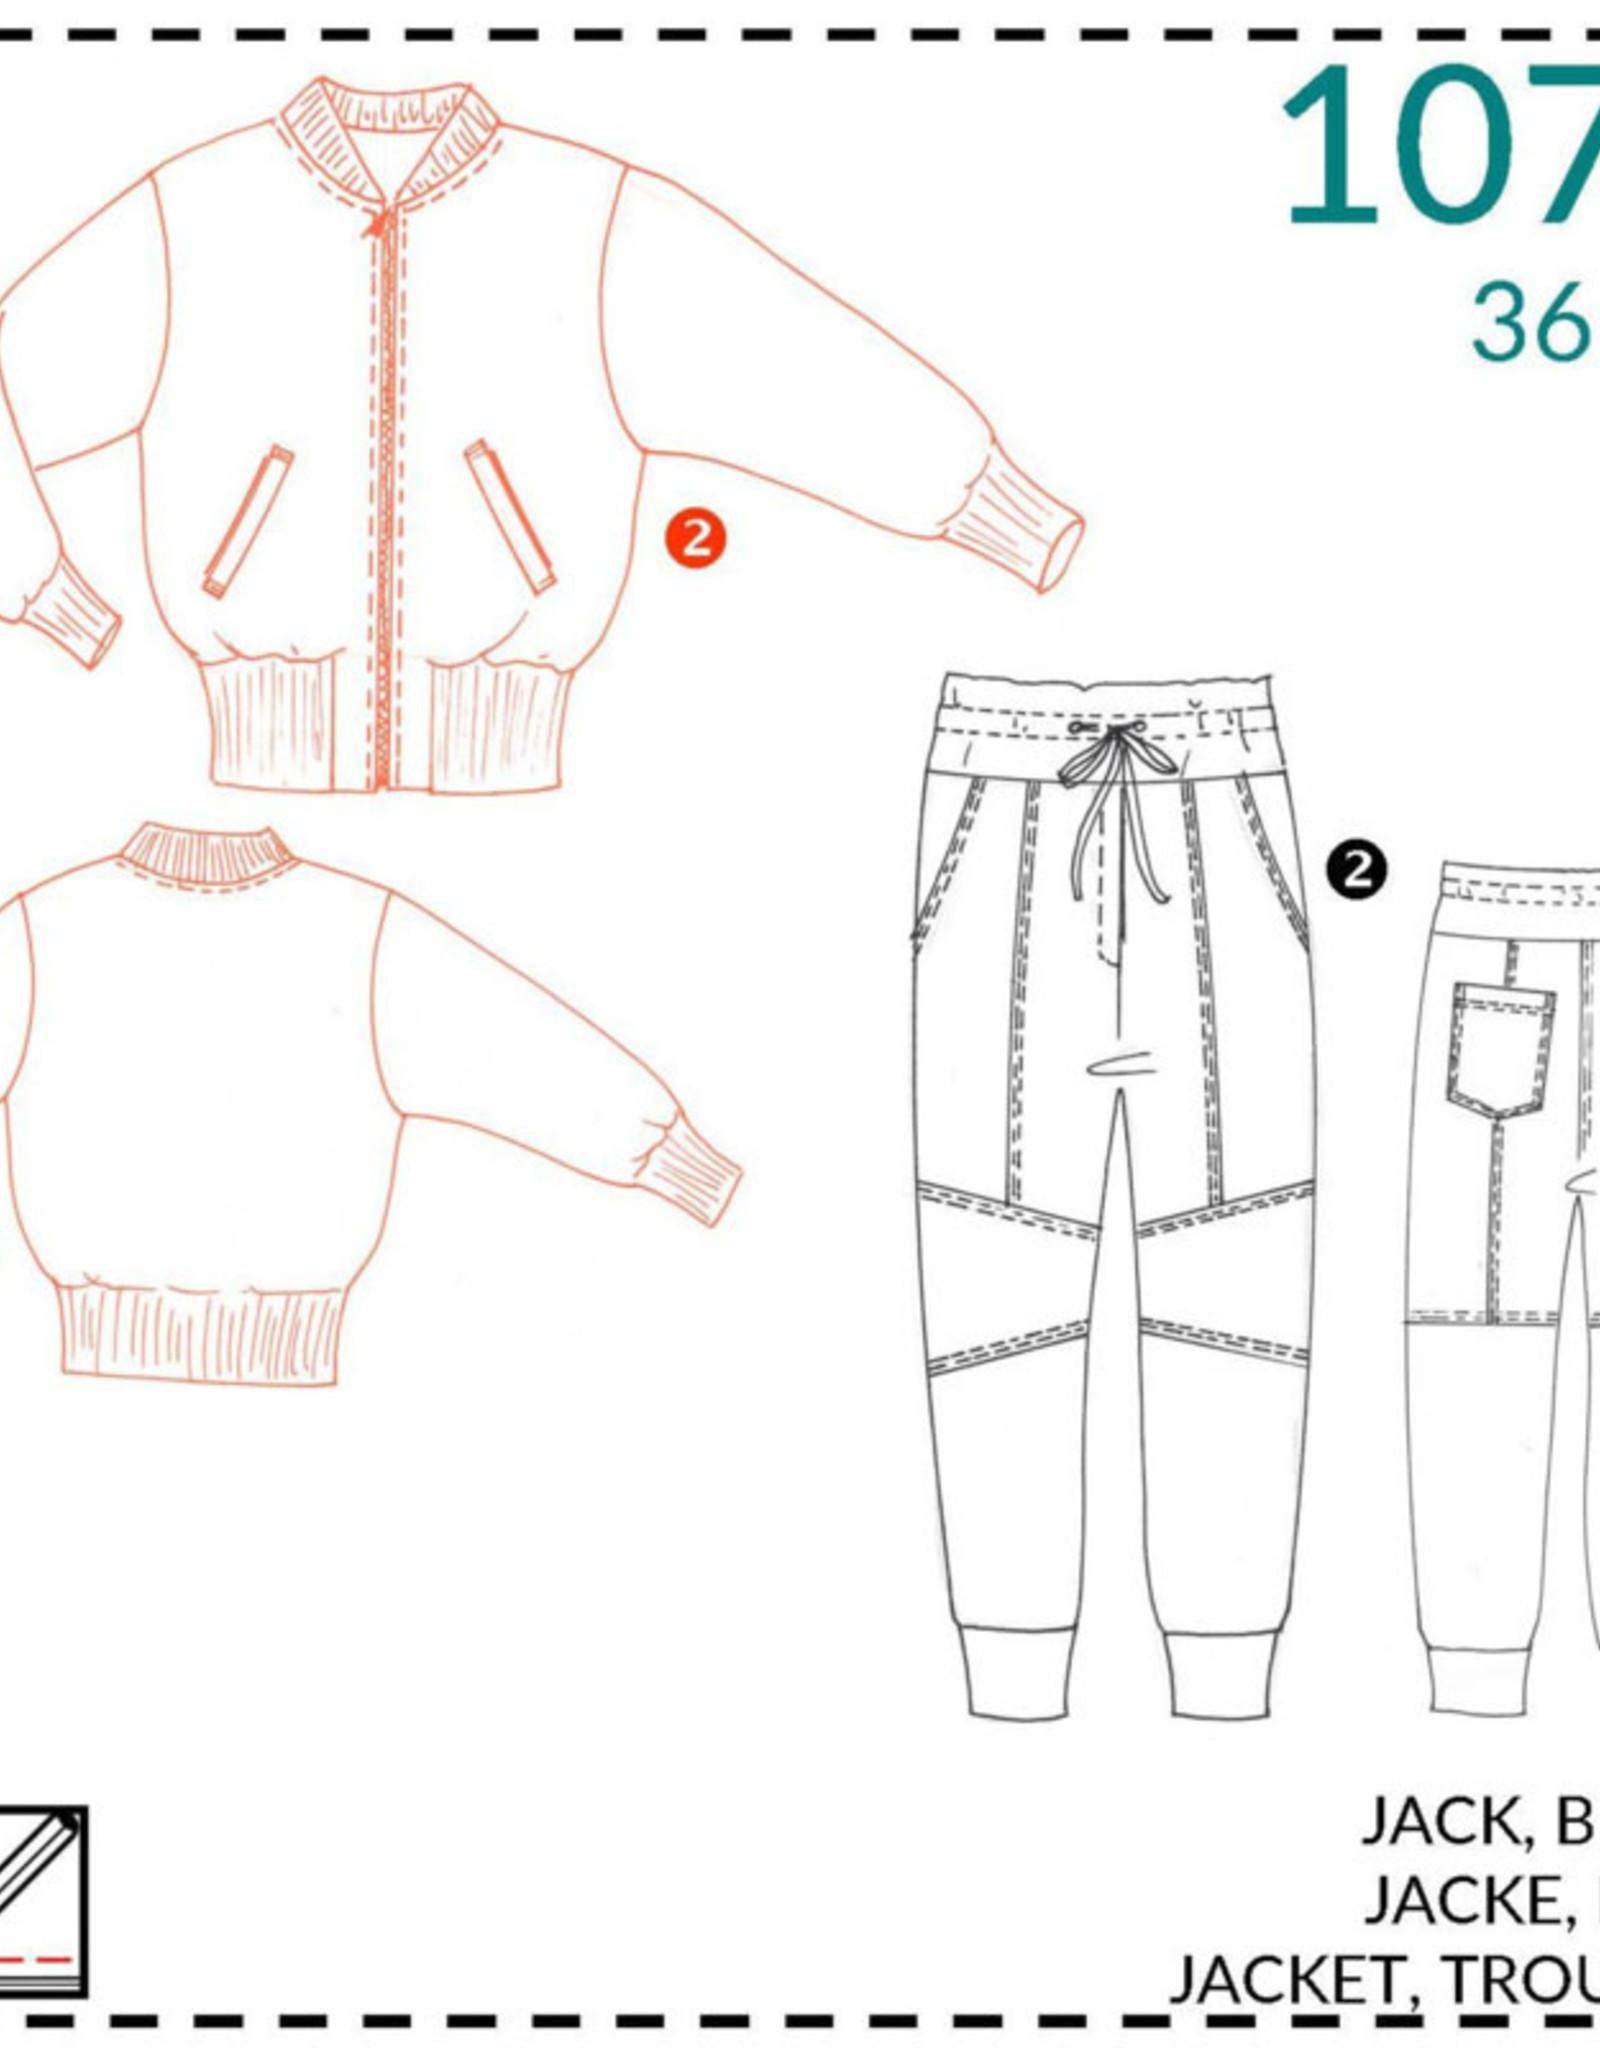 1074 - Jack & broek voor dames 36-48